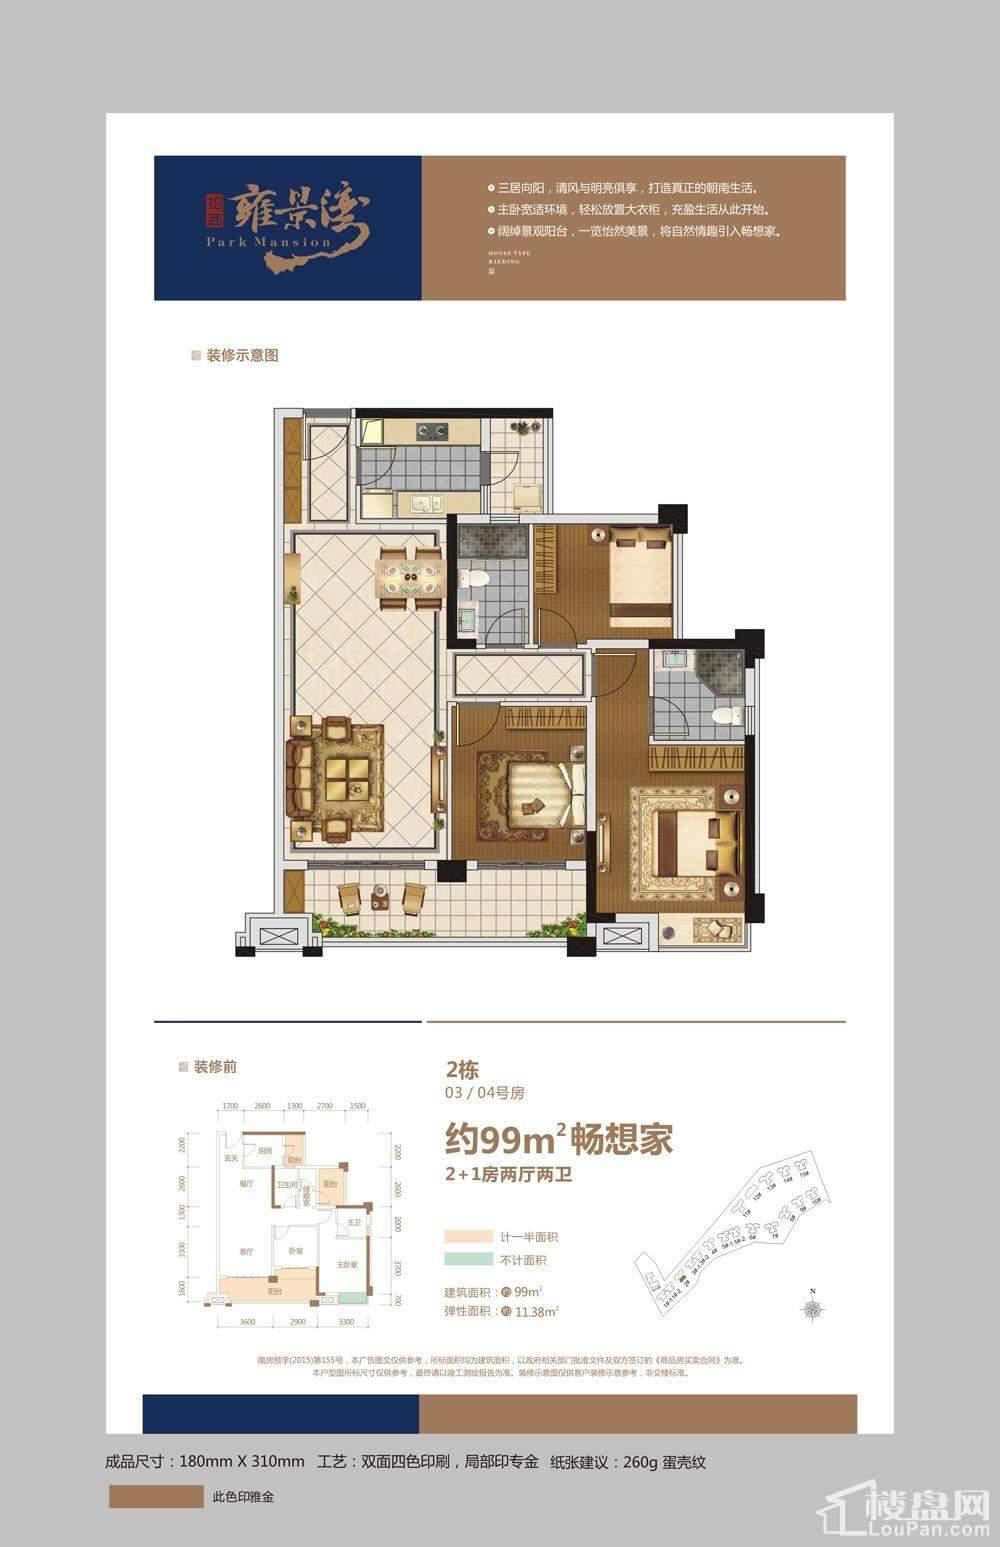 招商雍景湾2栋03、04号楼畅想家户型